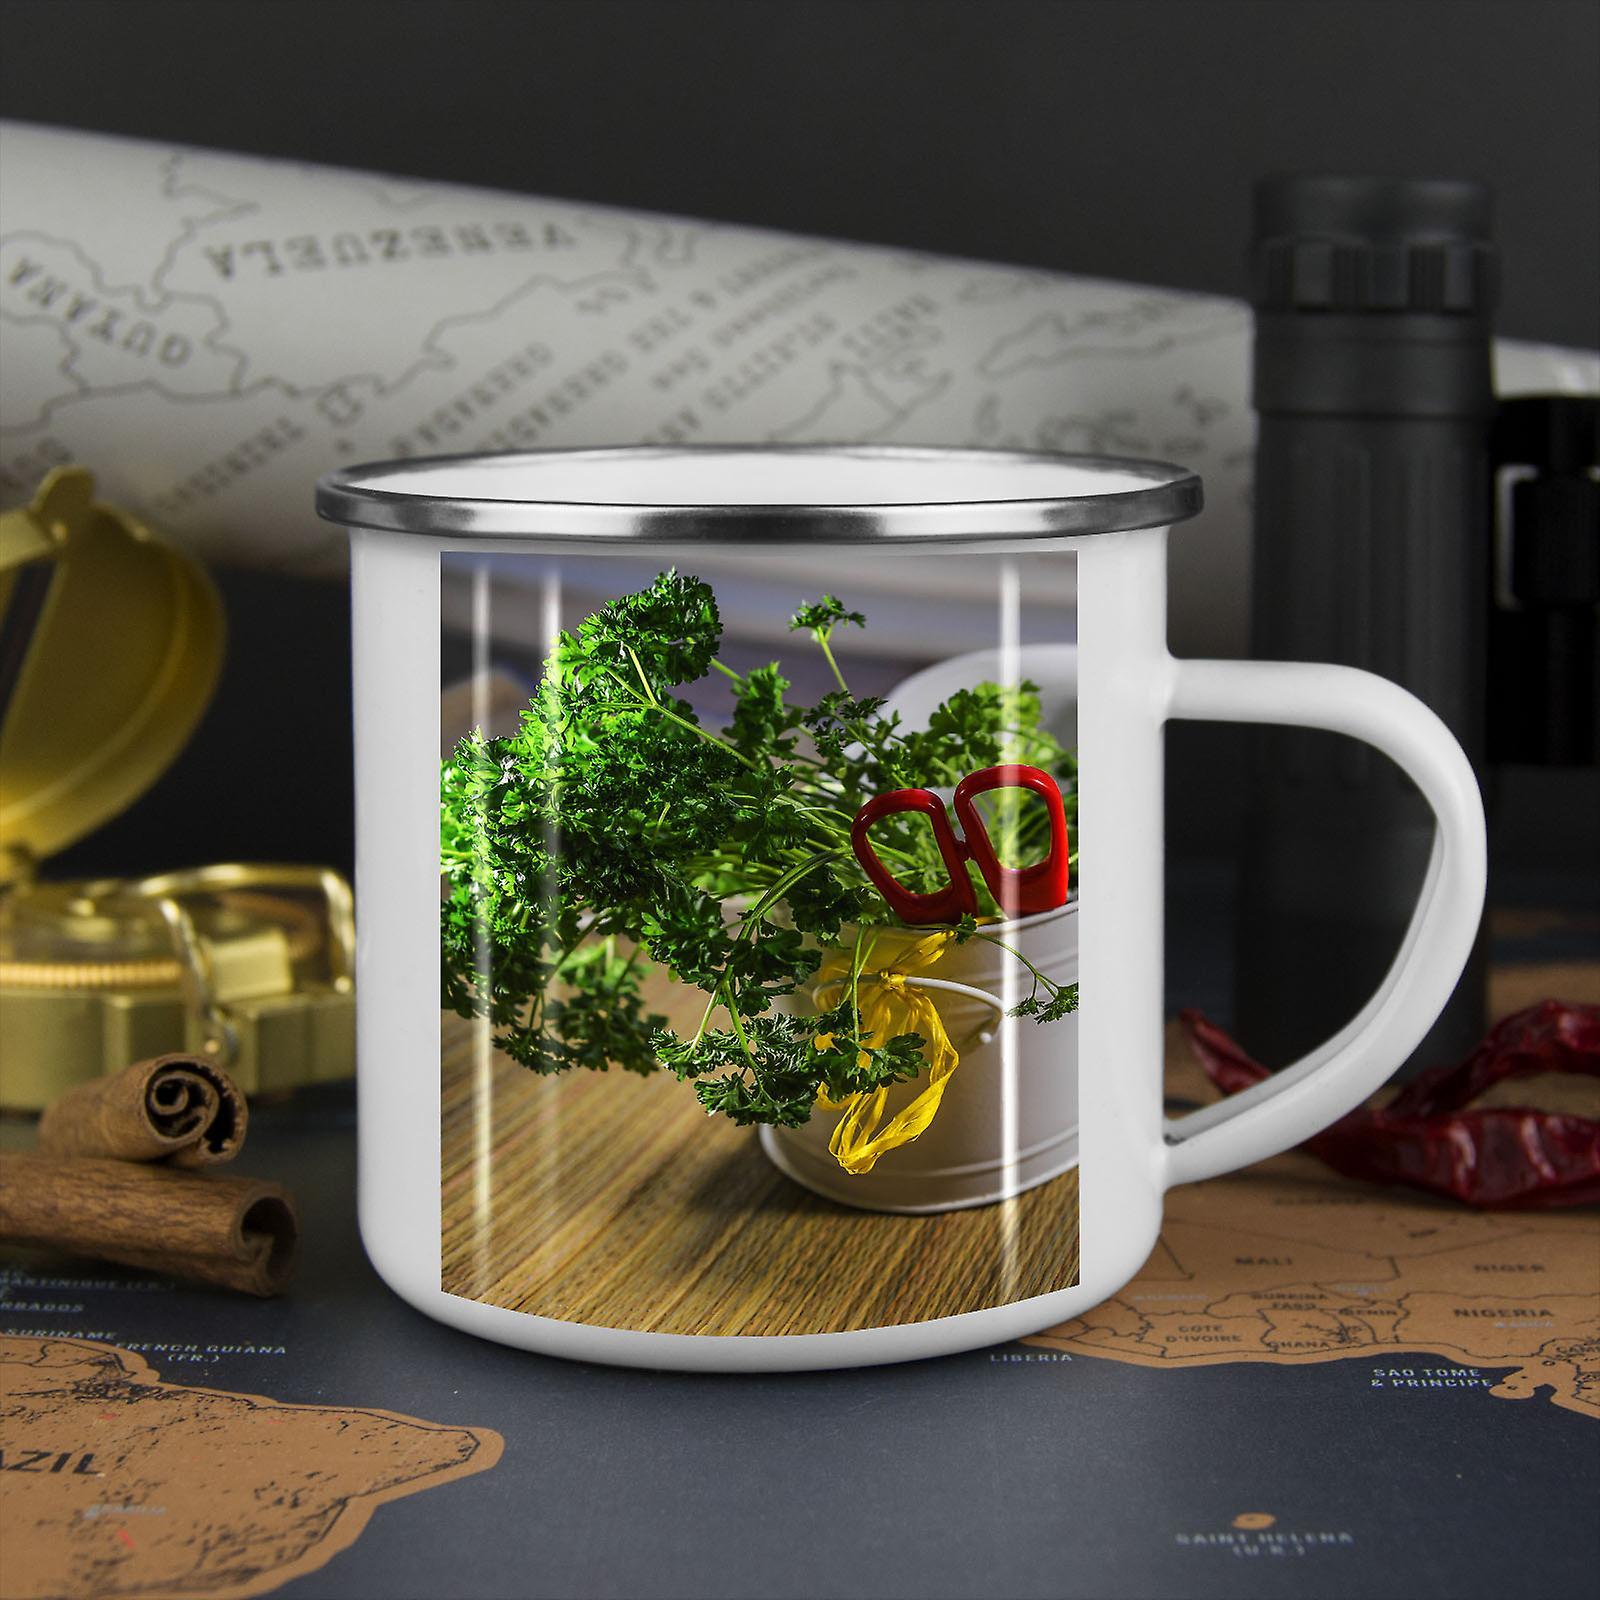 Vegetable Garden Essen neue WhiteTea Kaffee Emaille Mug10 oz | Wellcoda